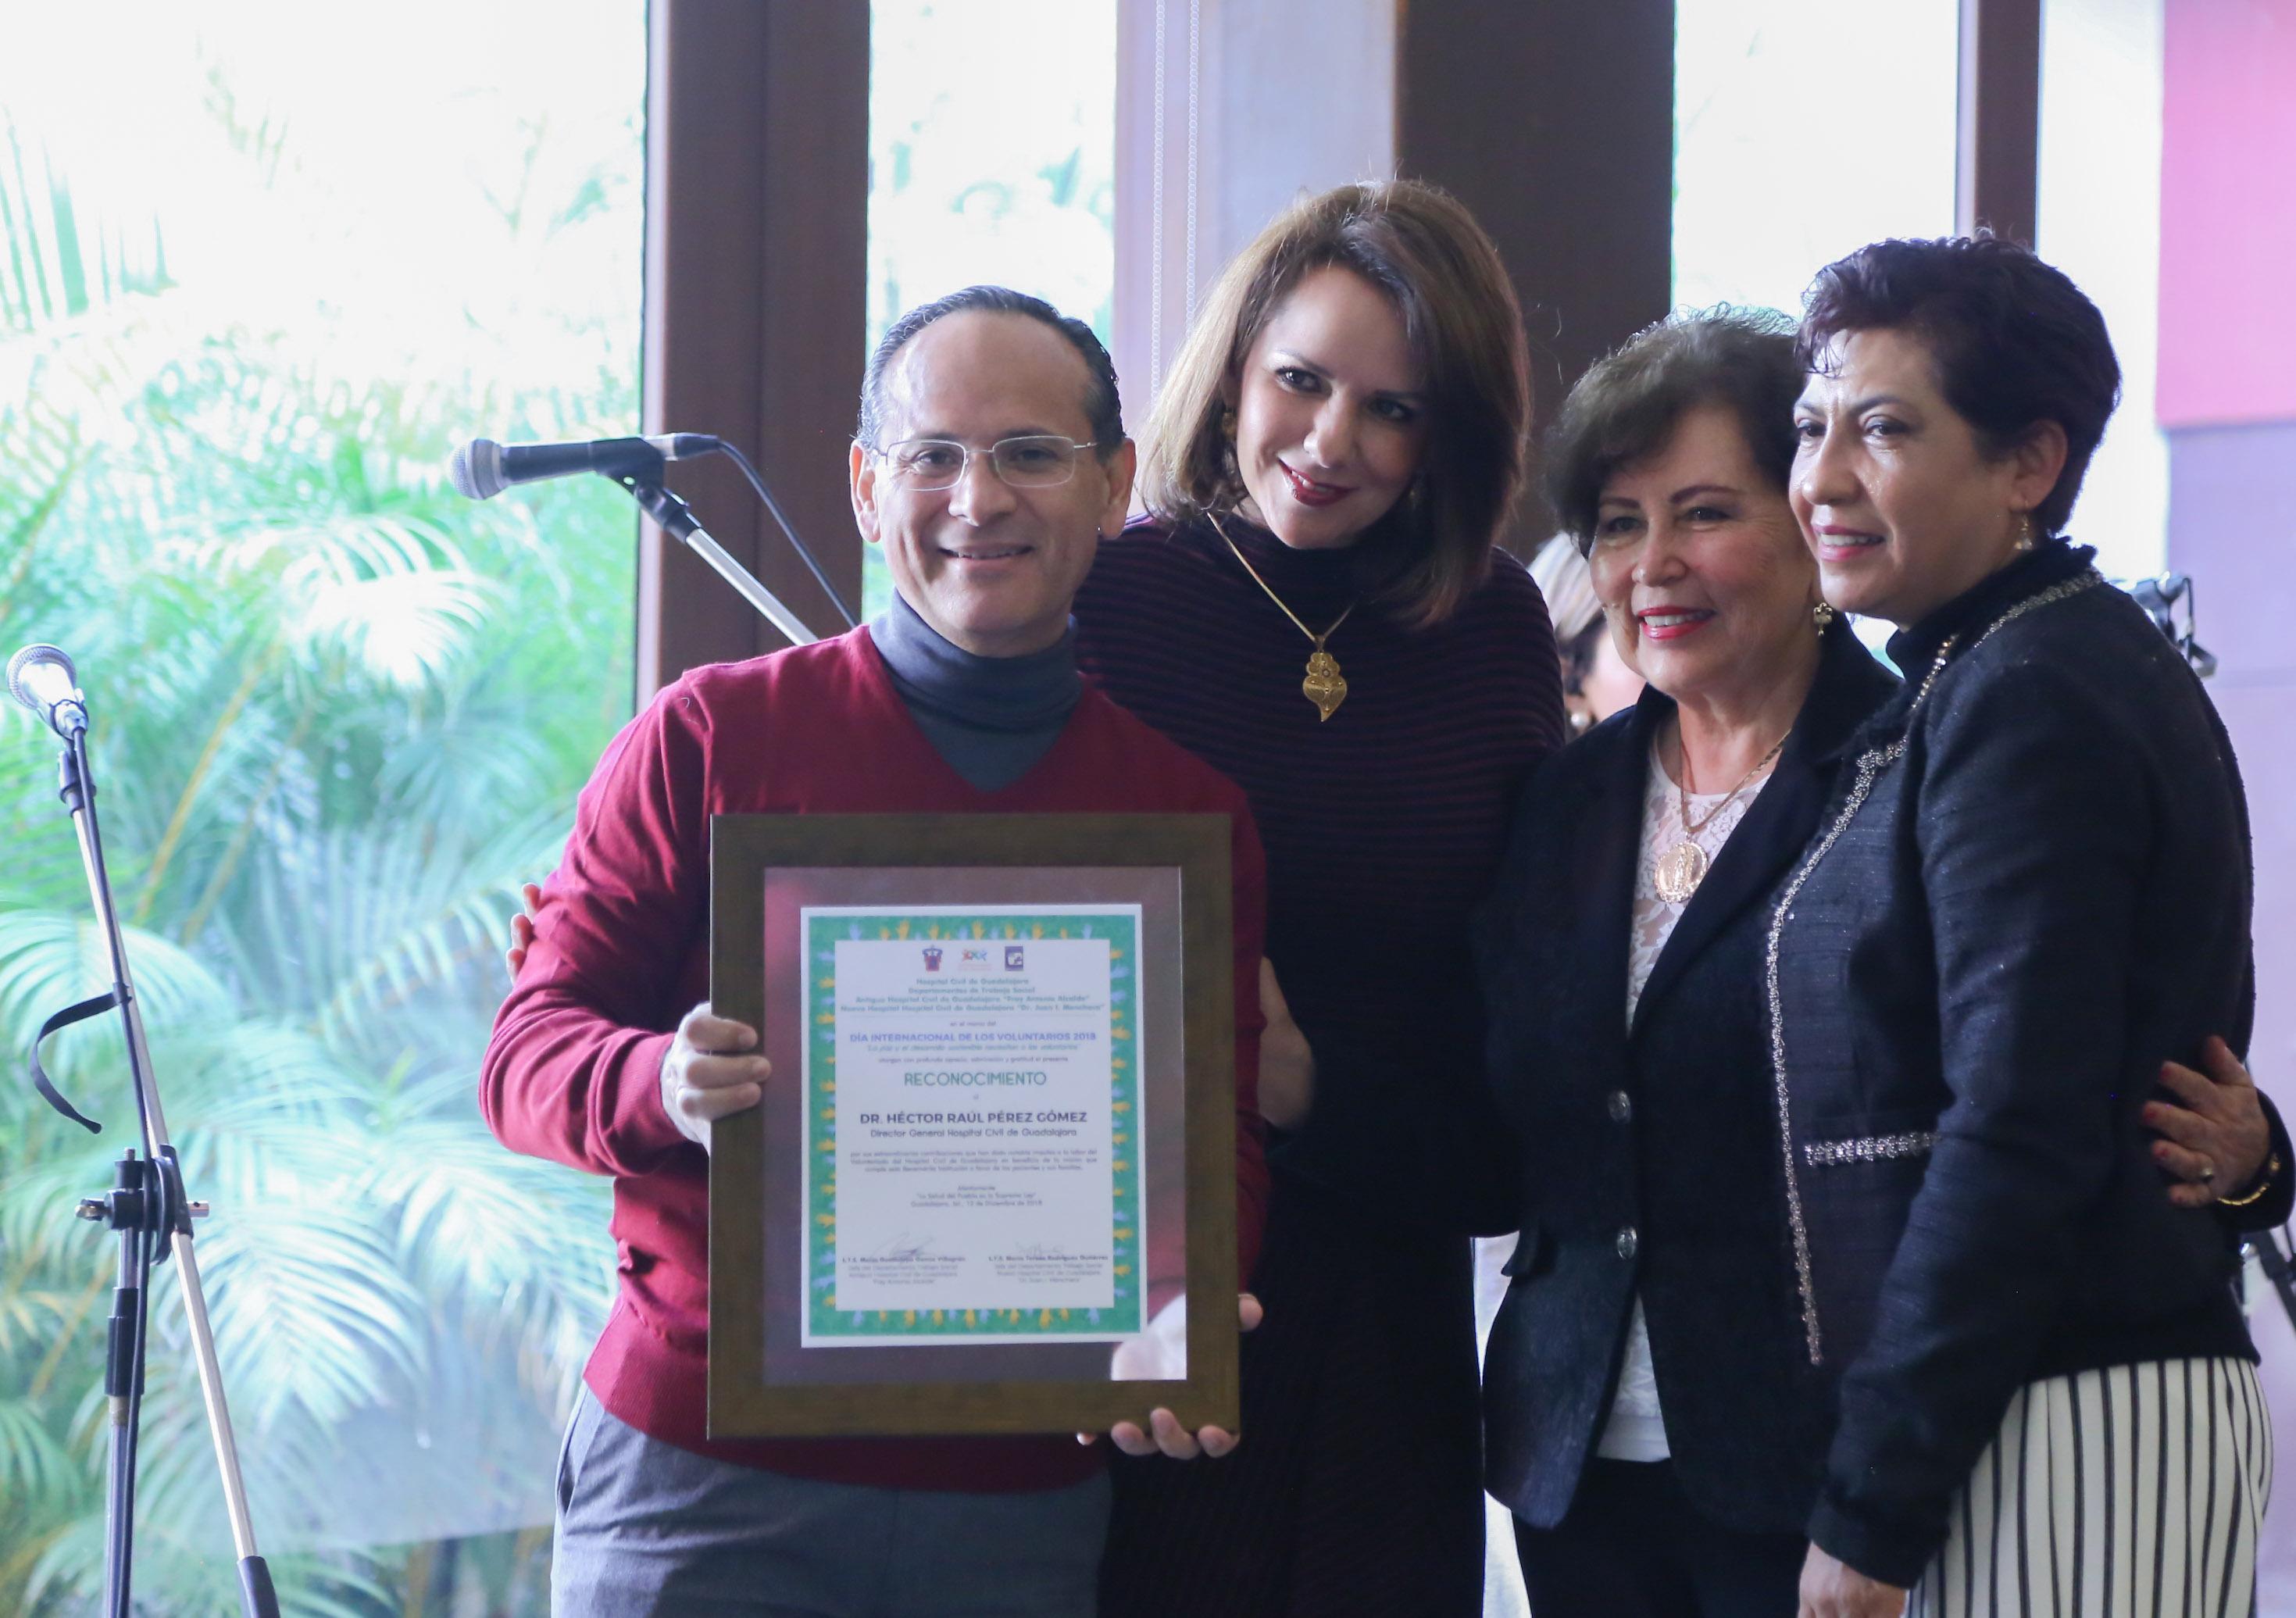 El doctor Héctor Raúl Pérez Gómez muestra un reconocimiento enmarcado por su trabajo de voluntariado